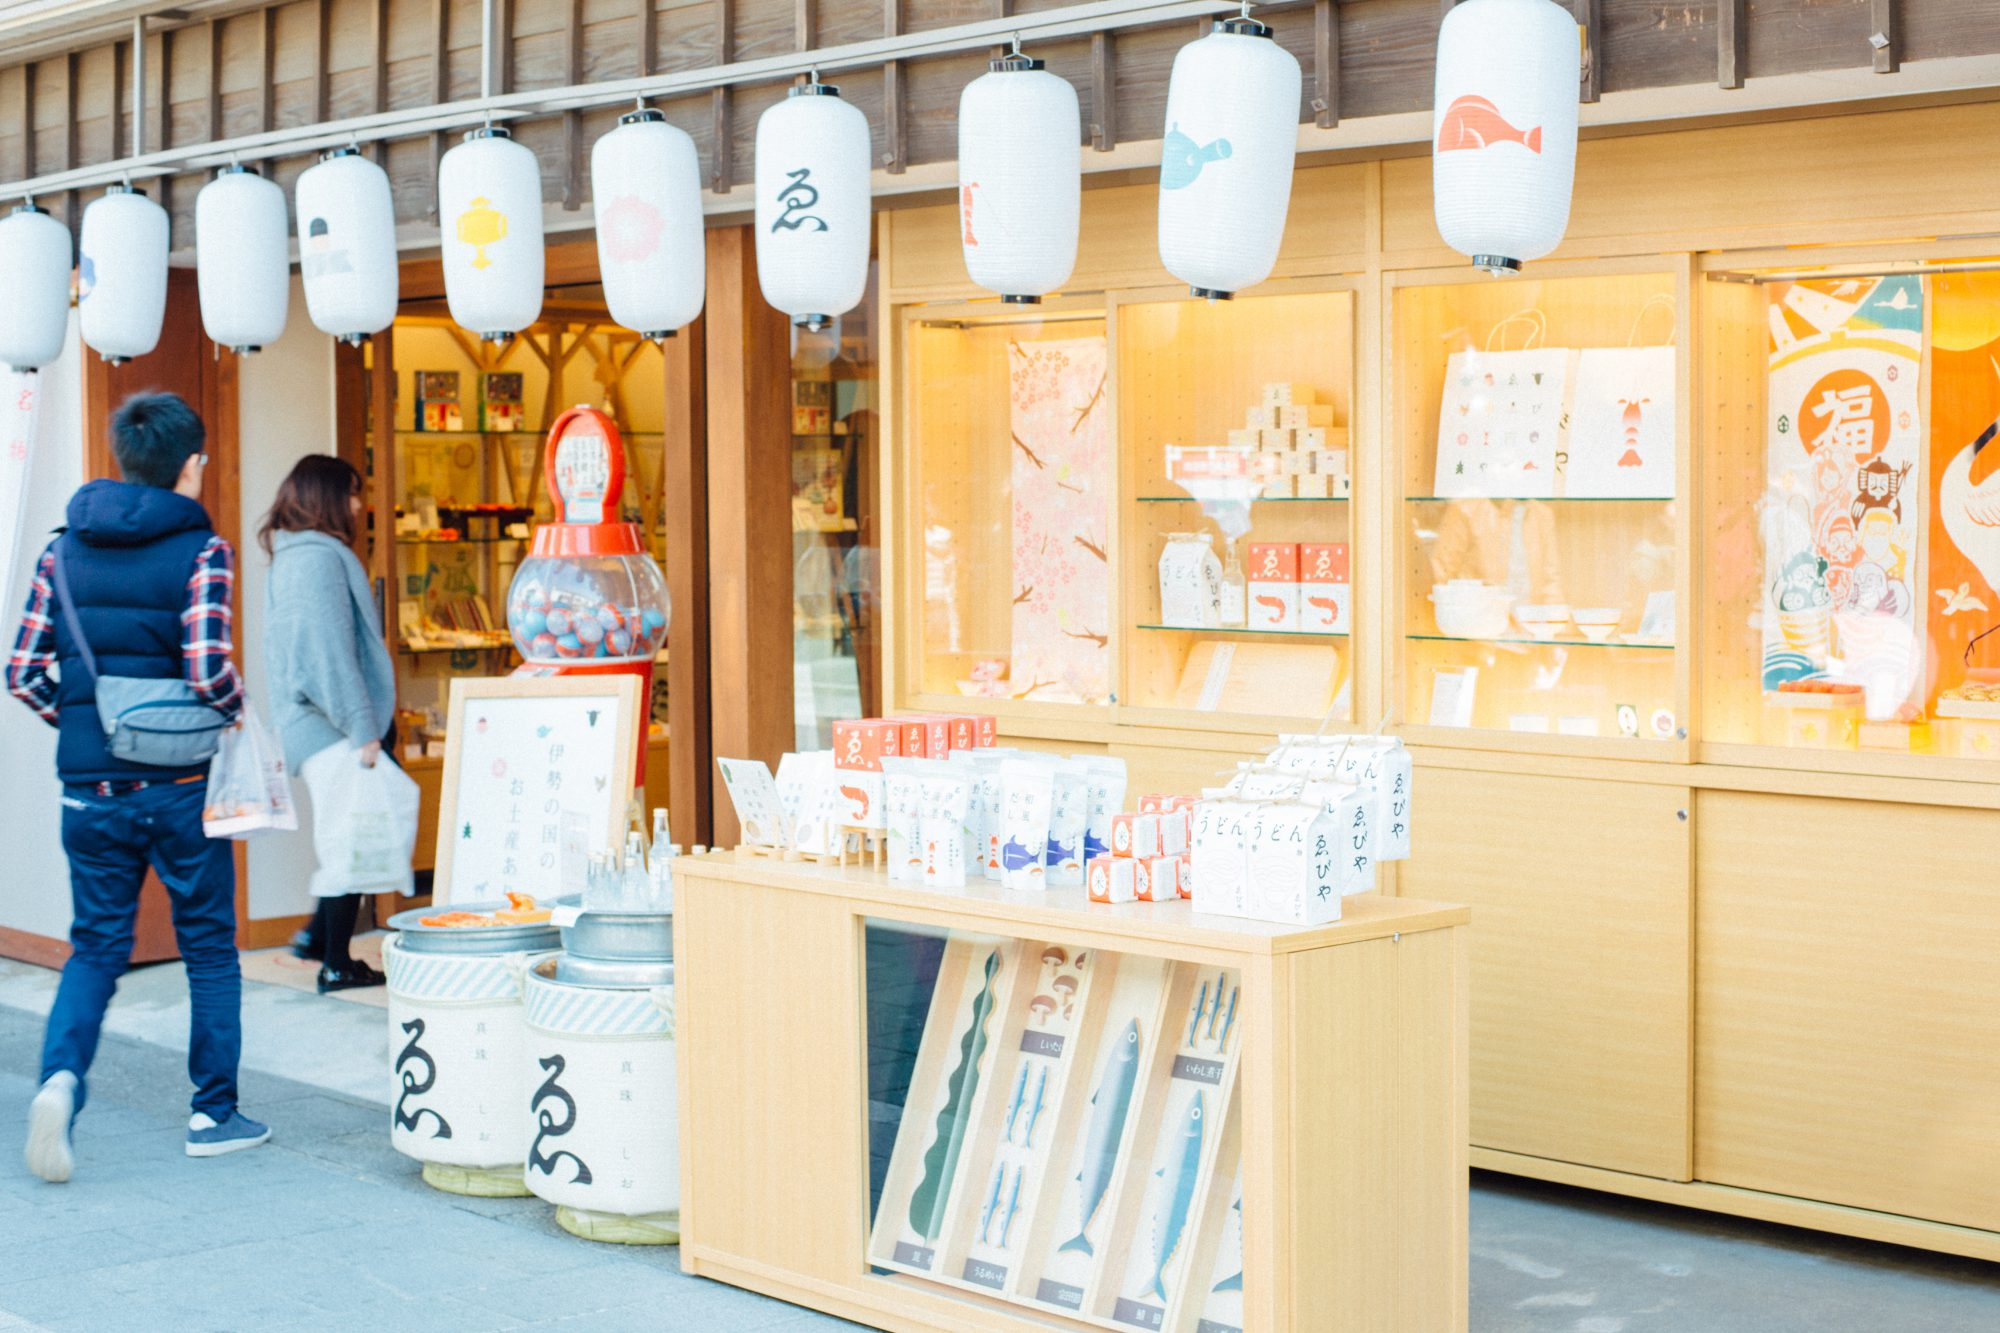 ゑびや大食堂/ゑびや商店